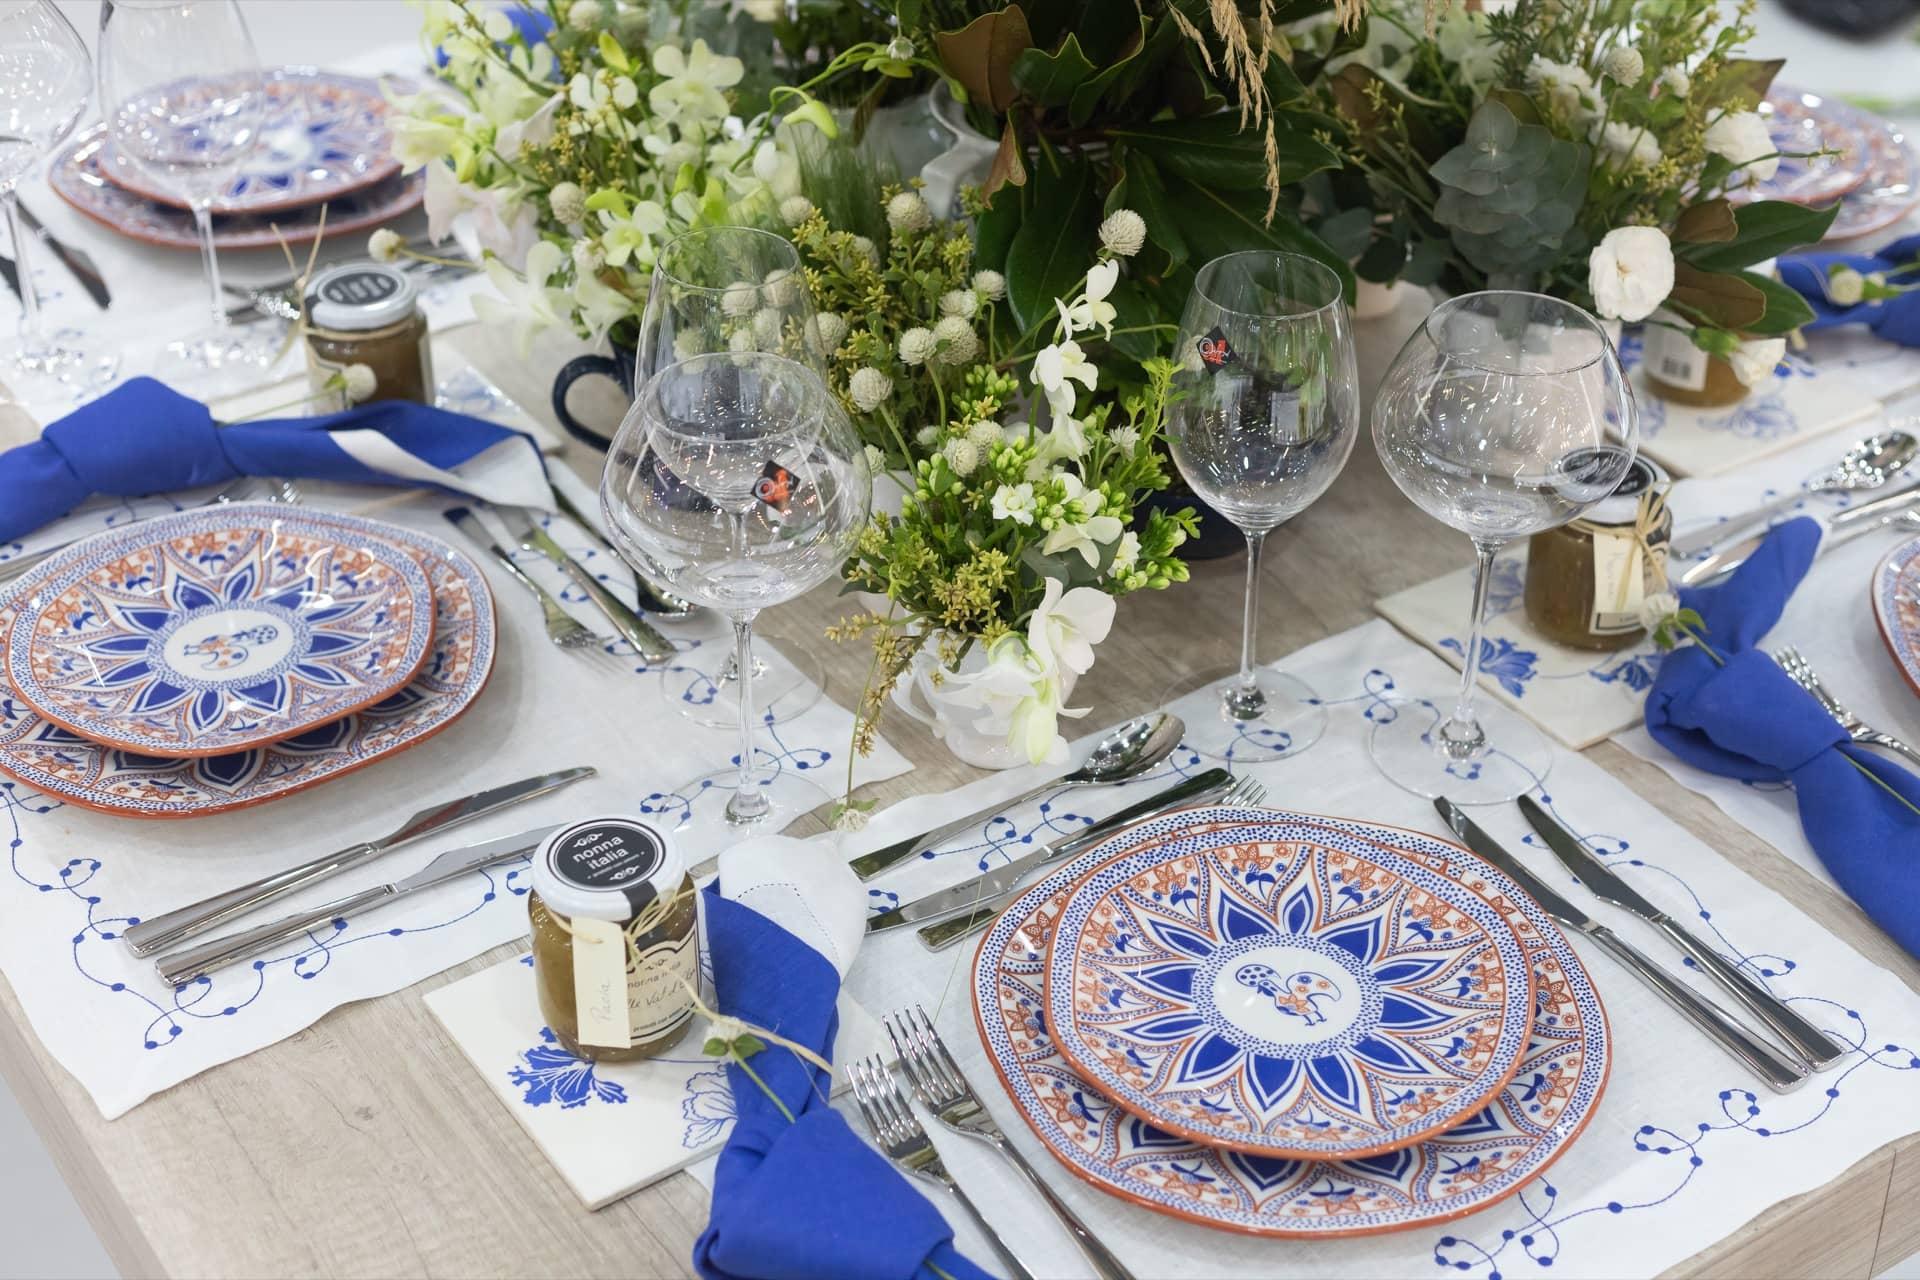 Imagem: Para completar a mesa posta com inspiração portuguesa, taças de cristal da linha Alumina Crystal da Oxford, bonitas e resistentes. Foto: Carolina Prieto.